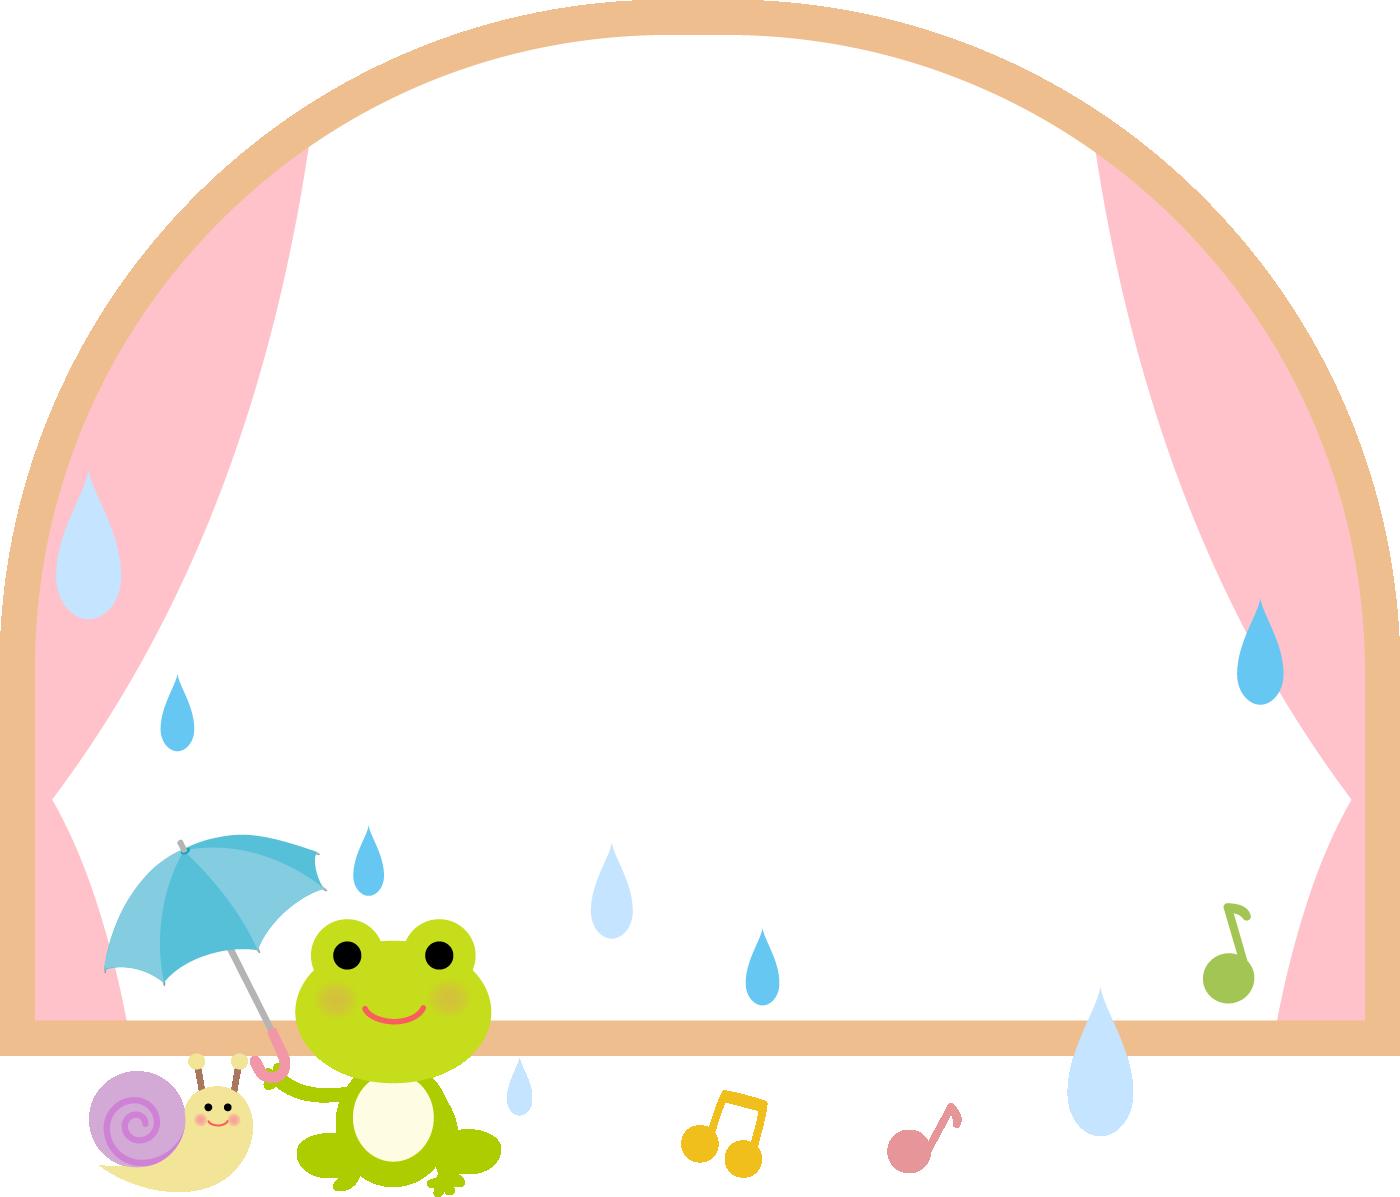 梅雨に使える枠・フレームイラスト(かえるとカタツムリ)